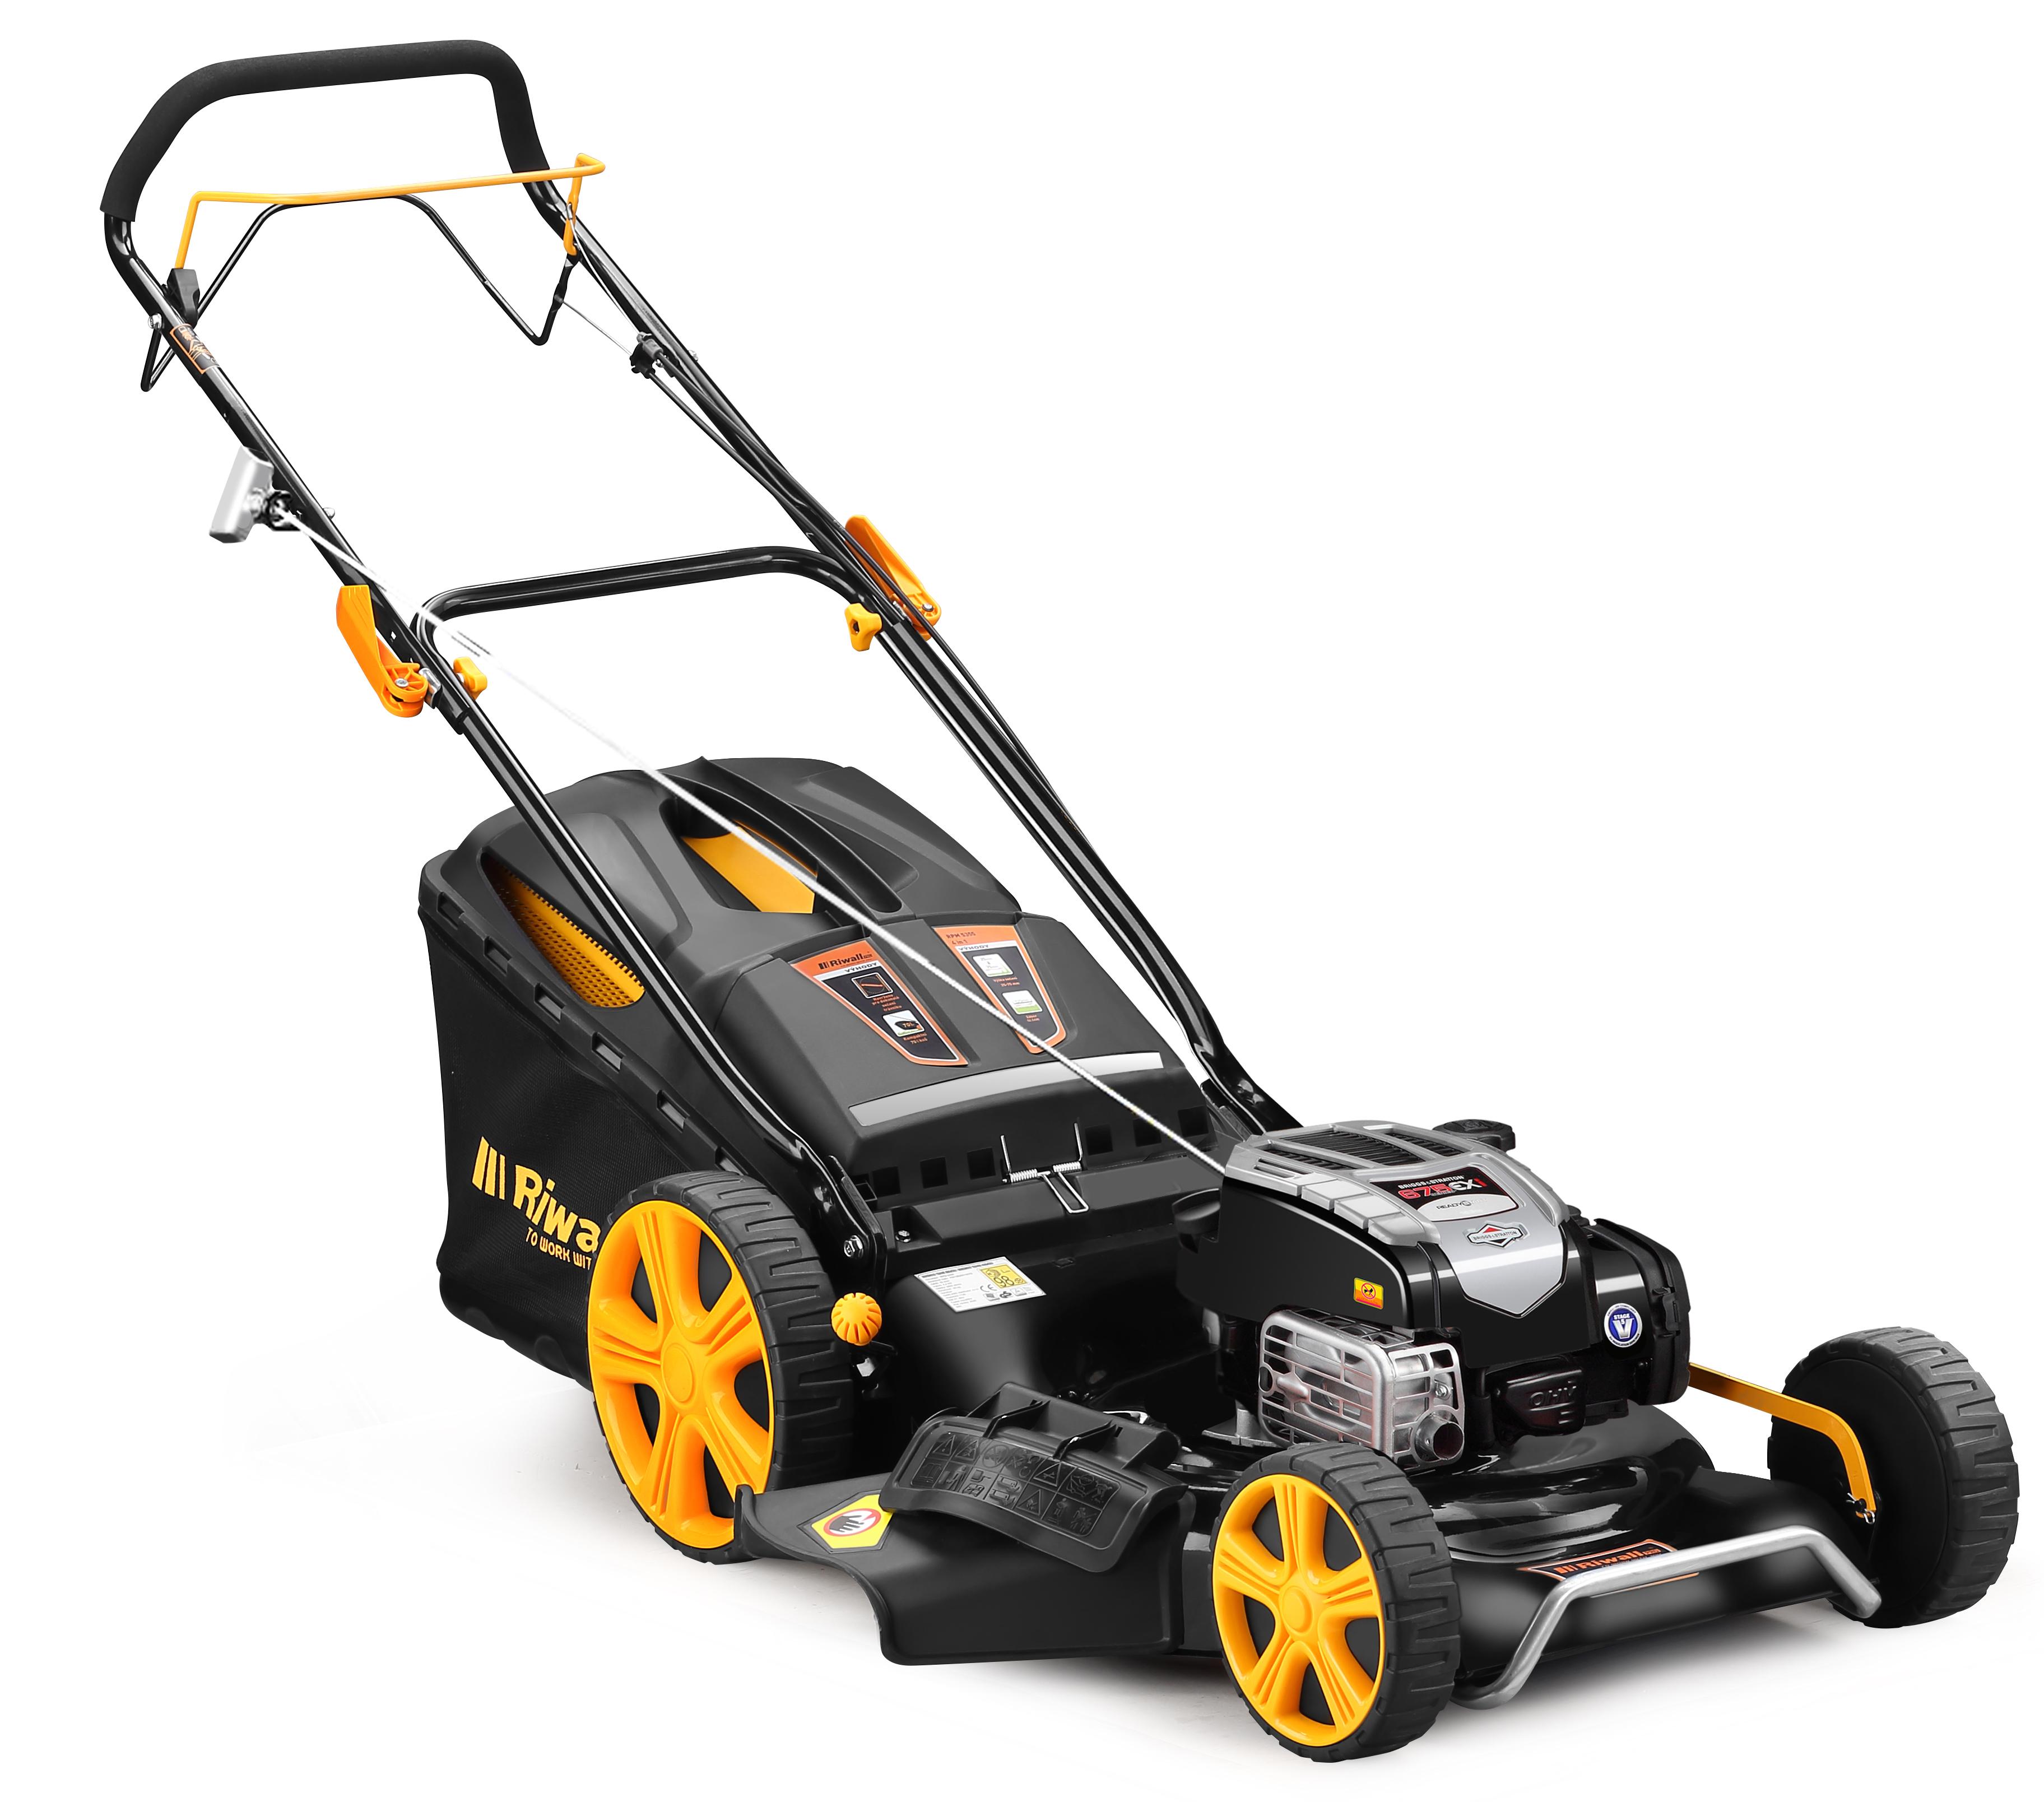 Riwall PRO RPM 5339 B, multifunkční travní sekačka 4 v 1 s benzinovým motorem a pojezdem